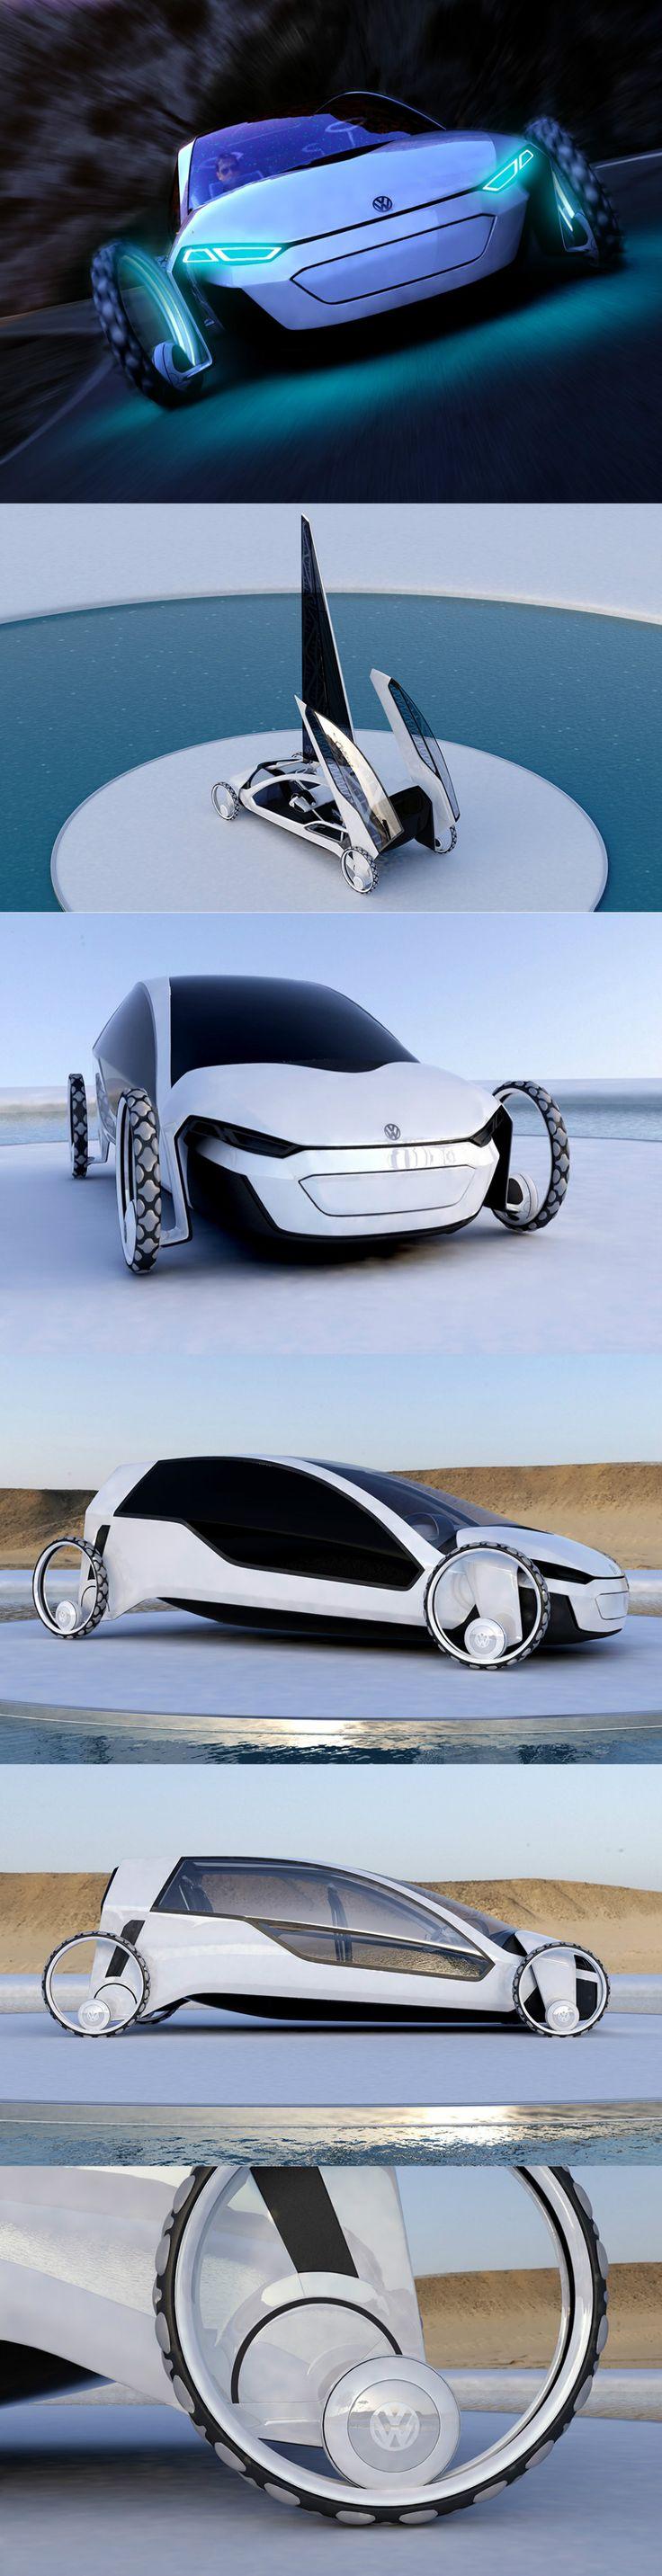 nasa invent cars - photo #46